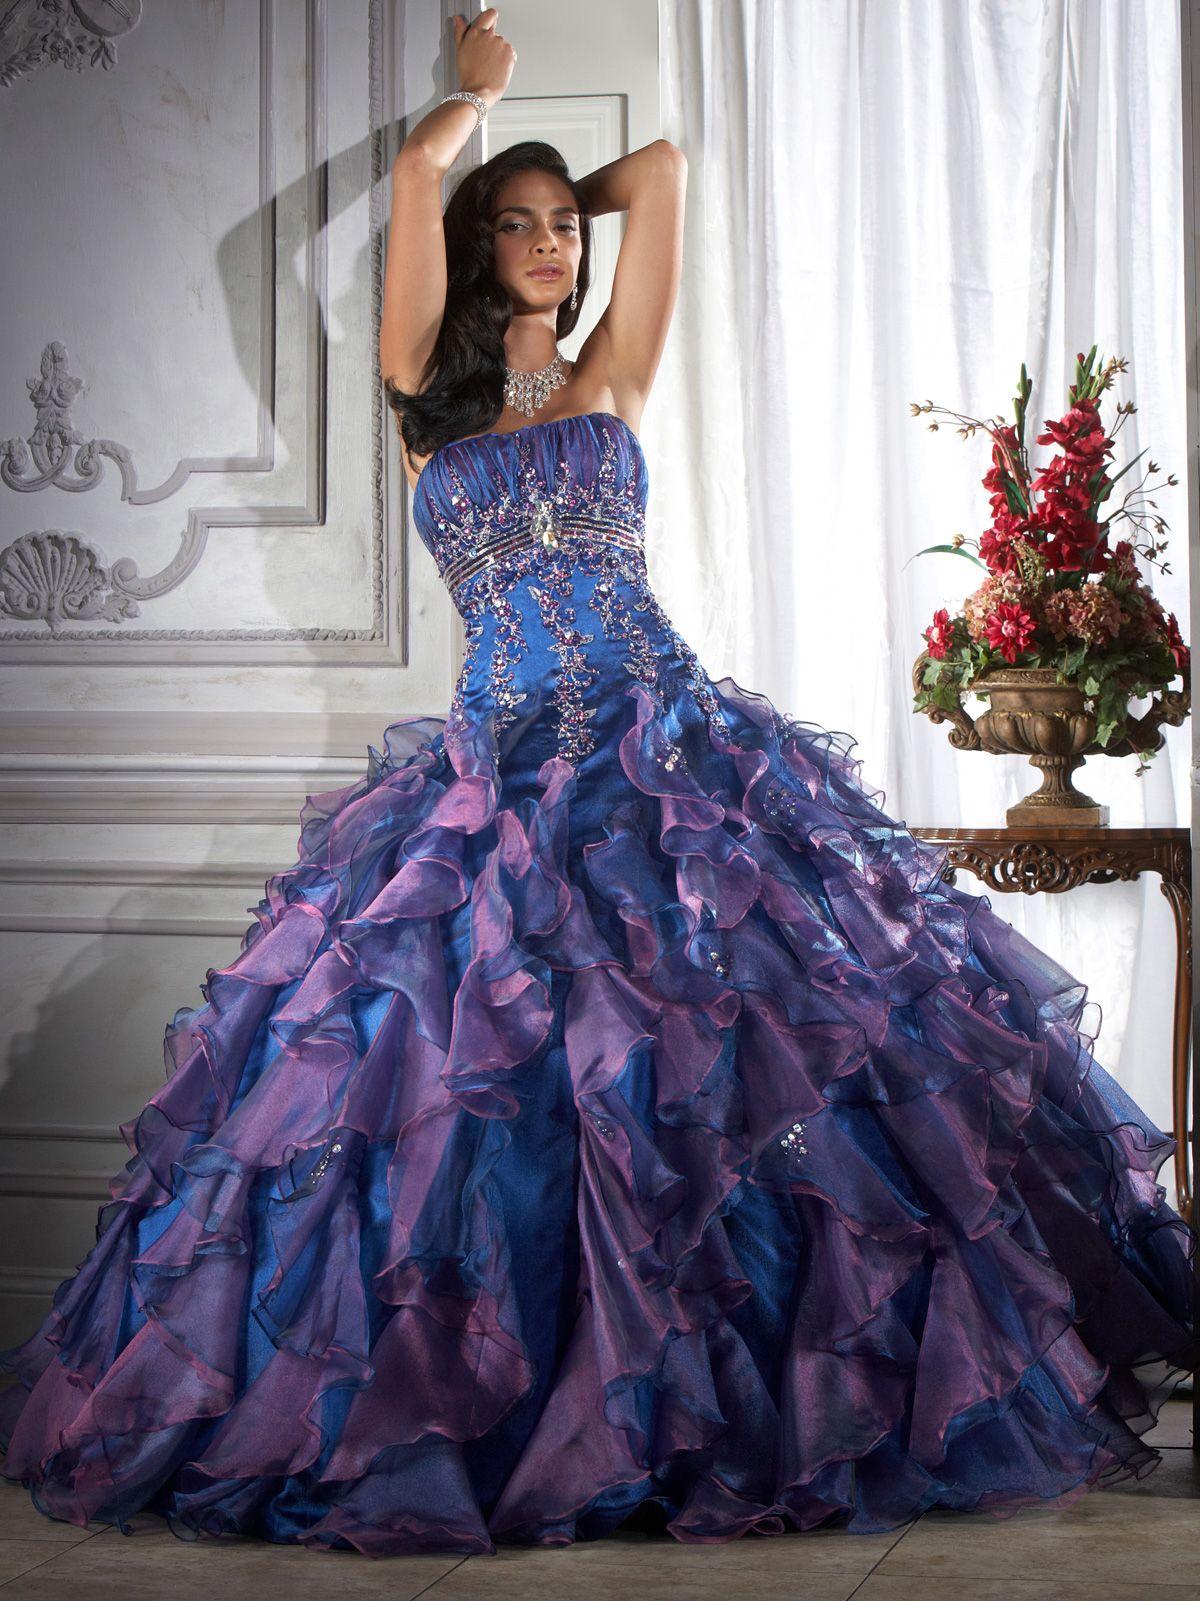 Medium Of Purple Wedding Dress